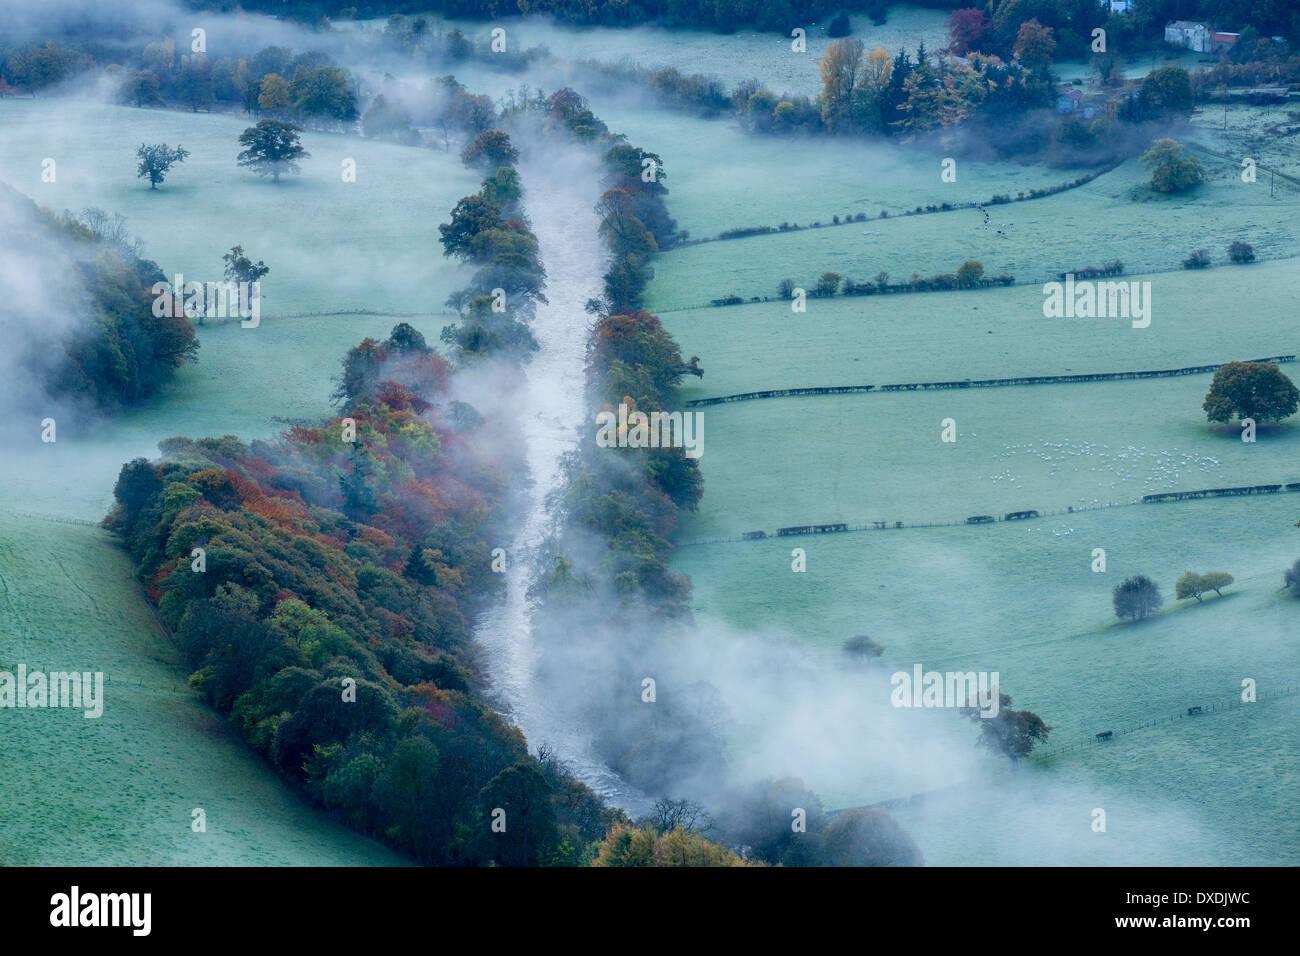 Couleurs d'automne et de la brume dans la vallée de la Dee (Dyffryn Dyfrdwy) près de Llangollen, Denbighshire, Wales Banque D'Images